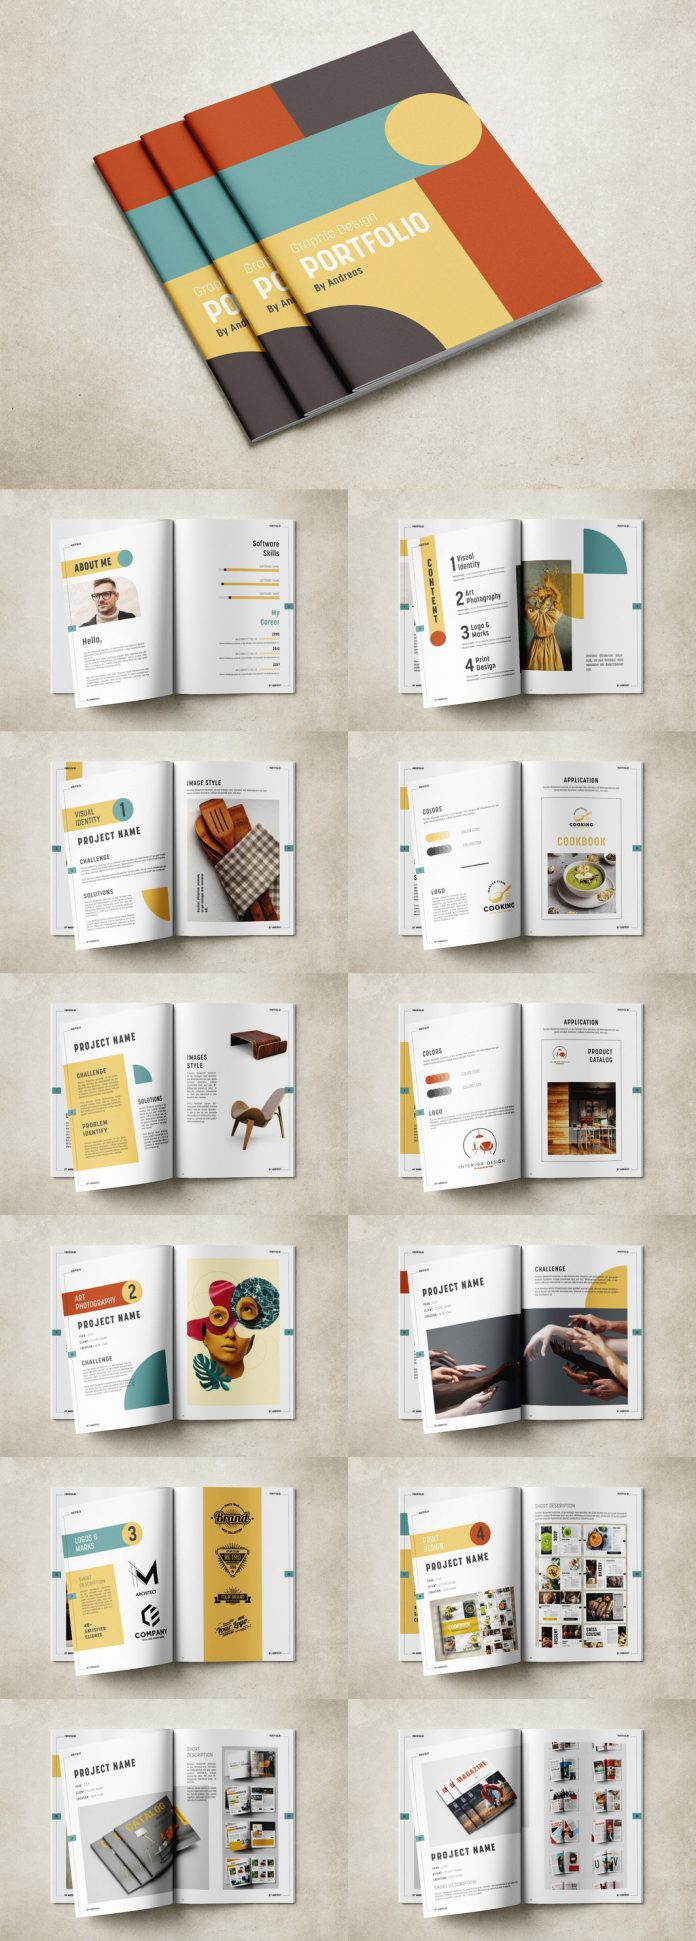 Adobe InDesign Graphic Design Portfolio Template